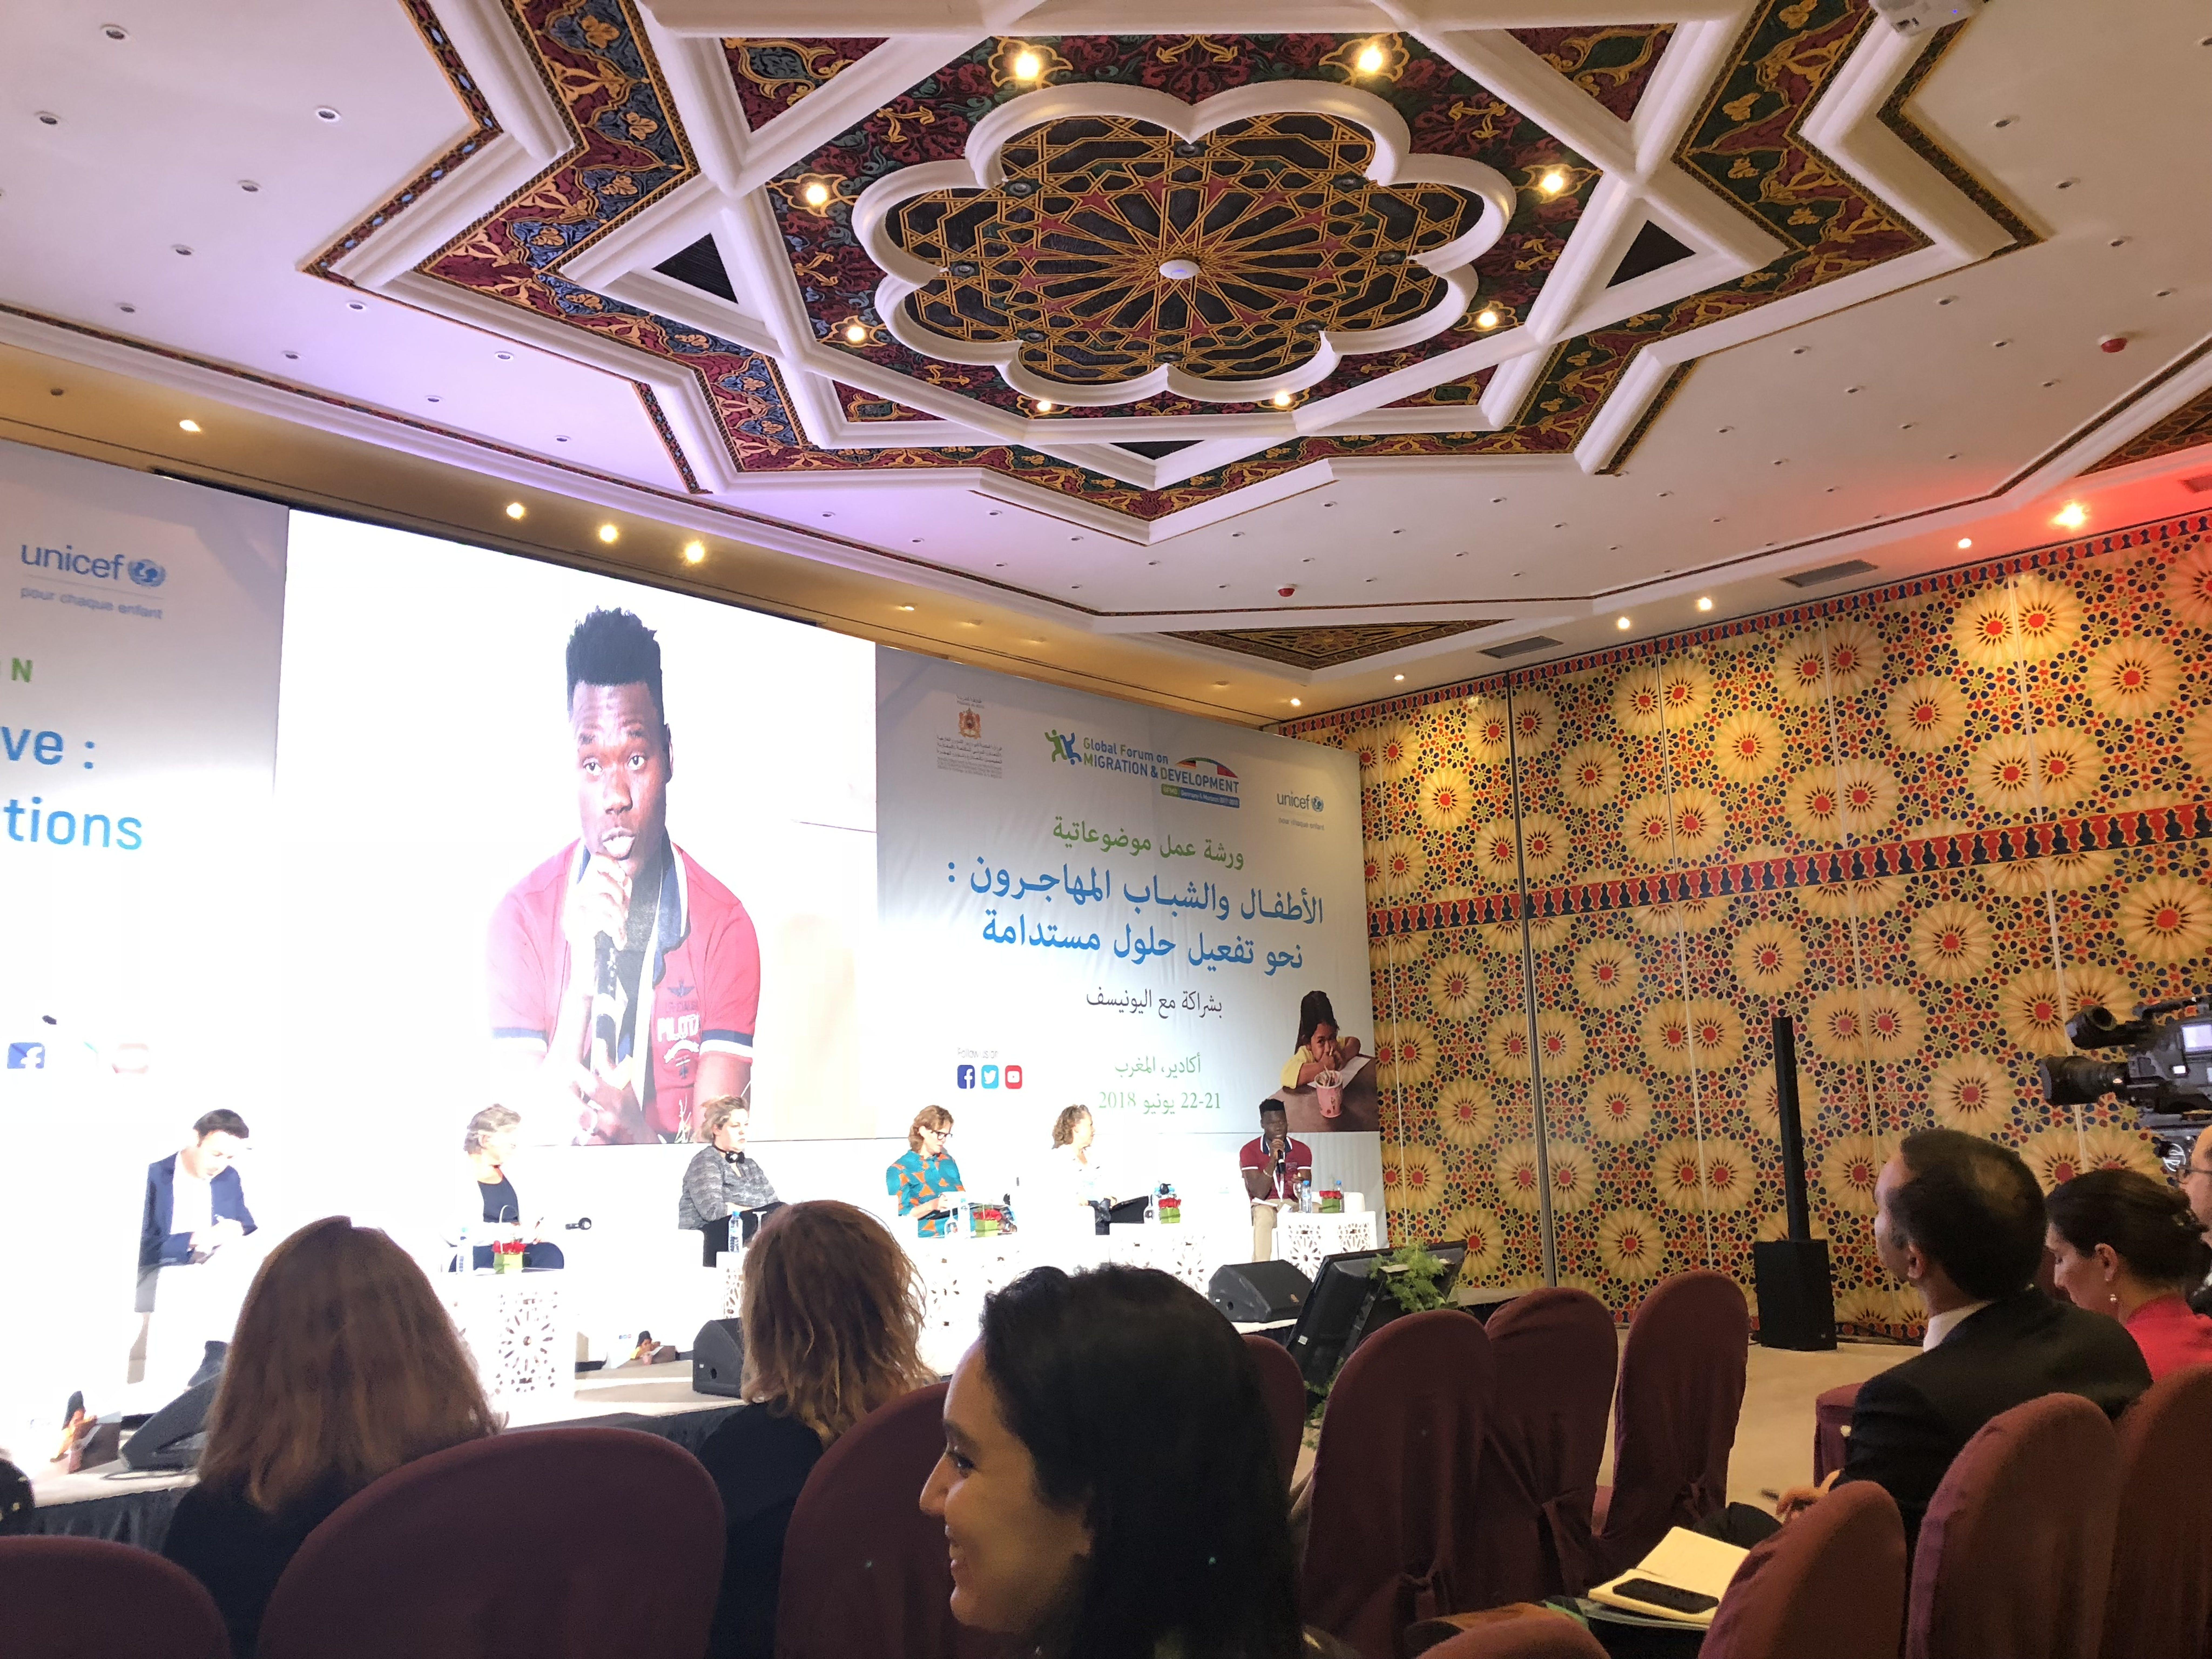 L'intervento di un giovane delegato al Forum di Agadir - ©UNICEF/2018/Sarah Crowe